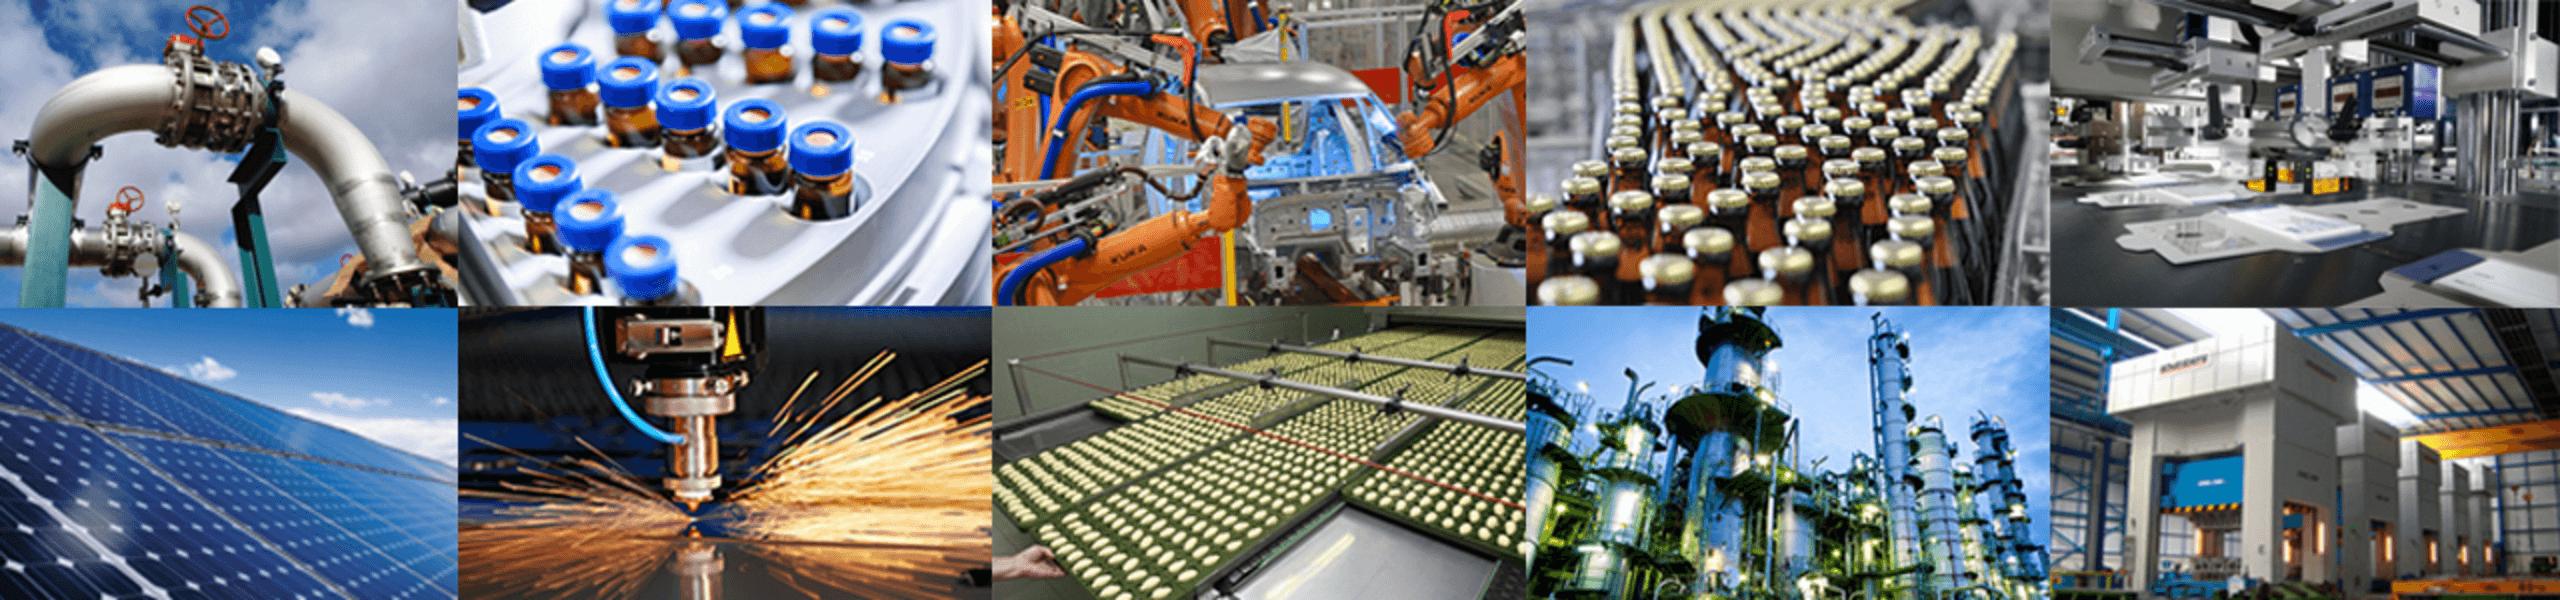 sectores industriales epidor td